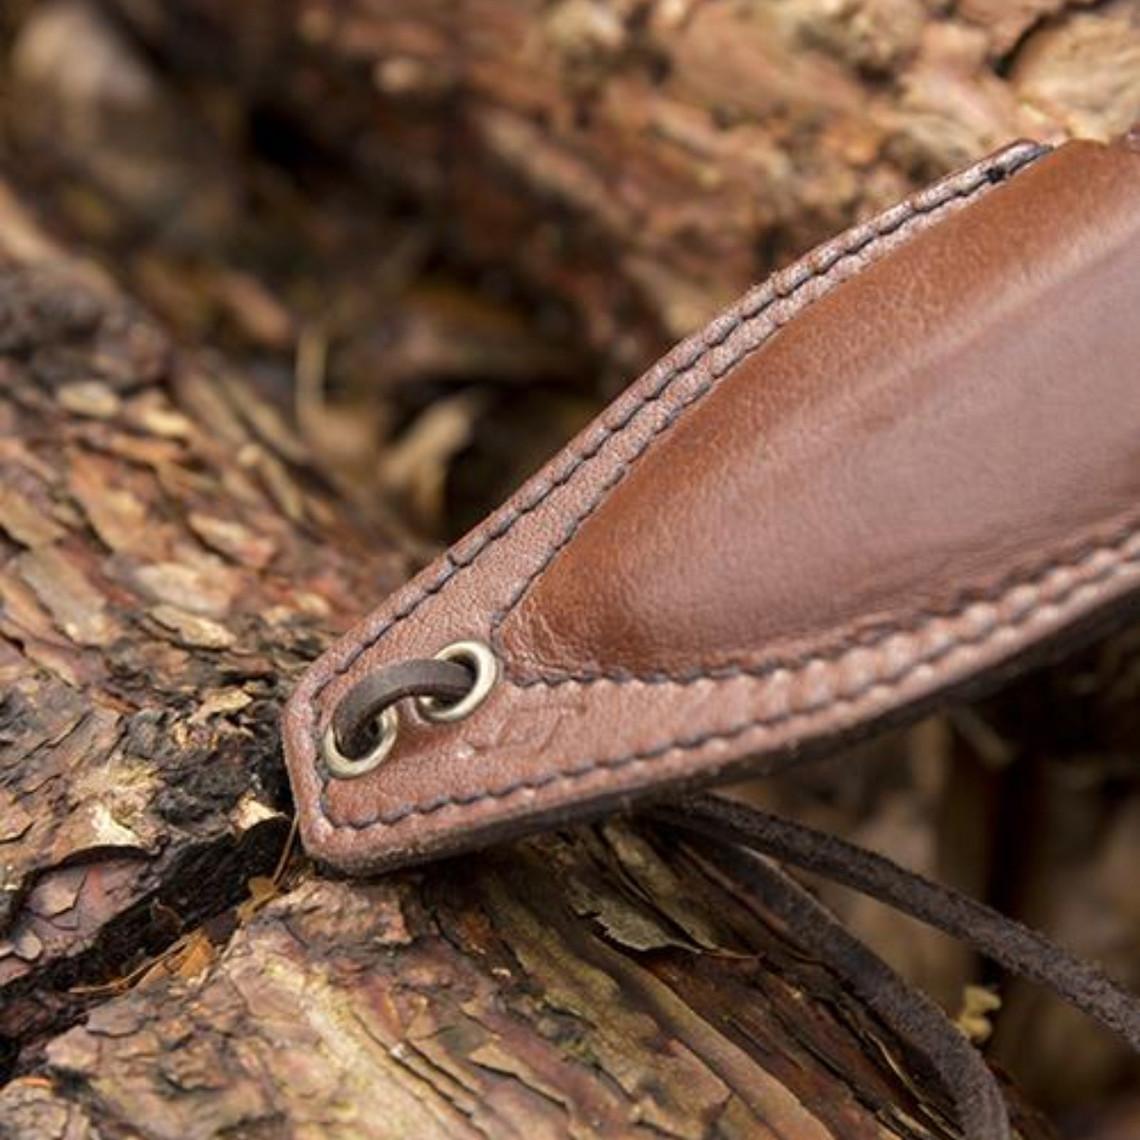 Epic Armoury LARP lujosa daga vaina, marrón